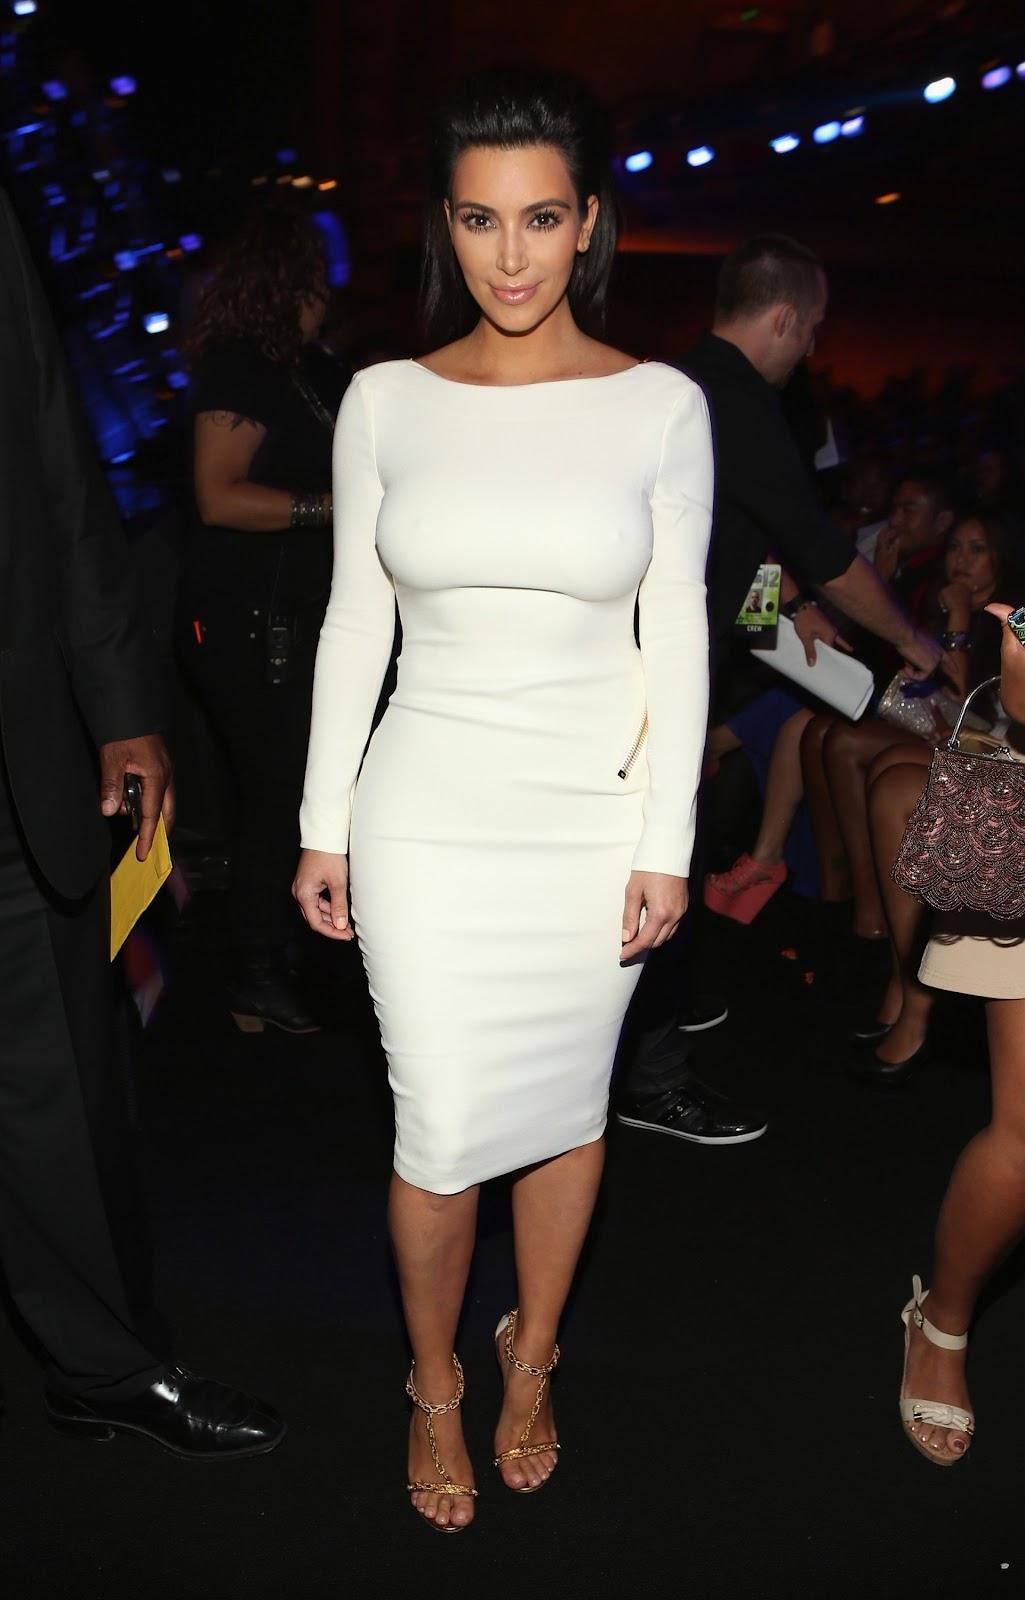 kim kardashian hot booty call in a white bareback dress in